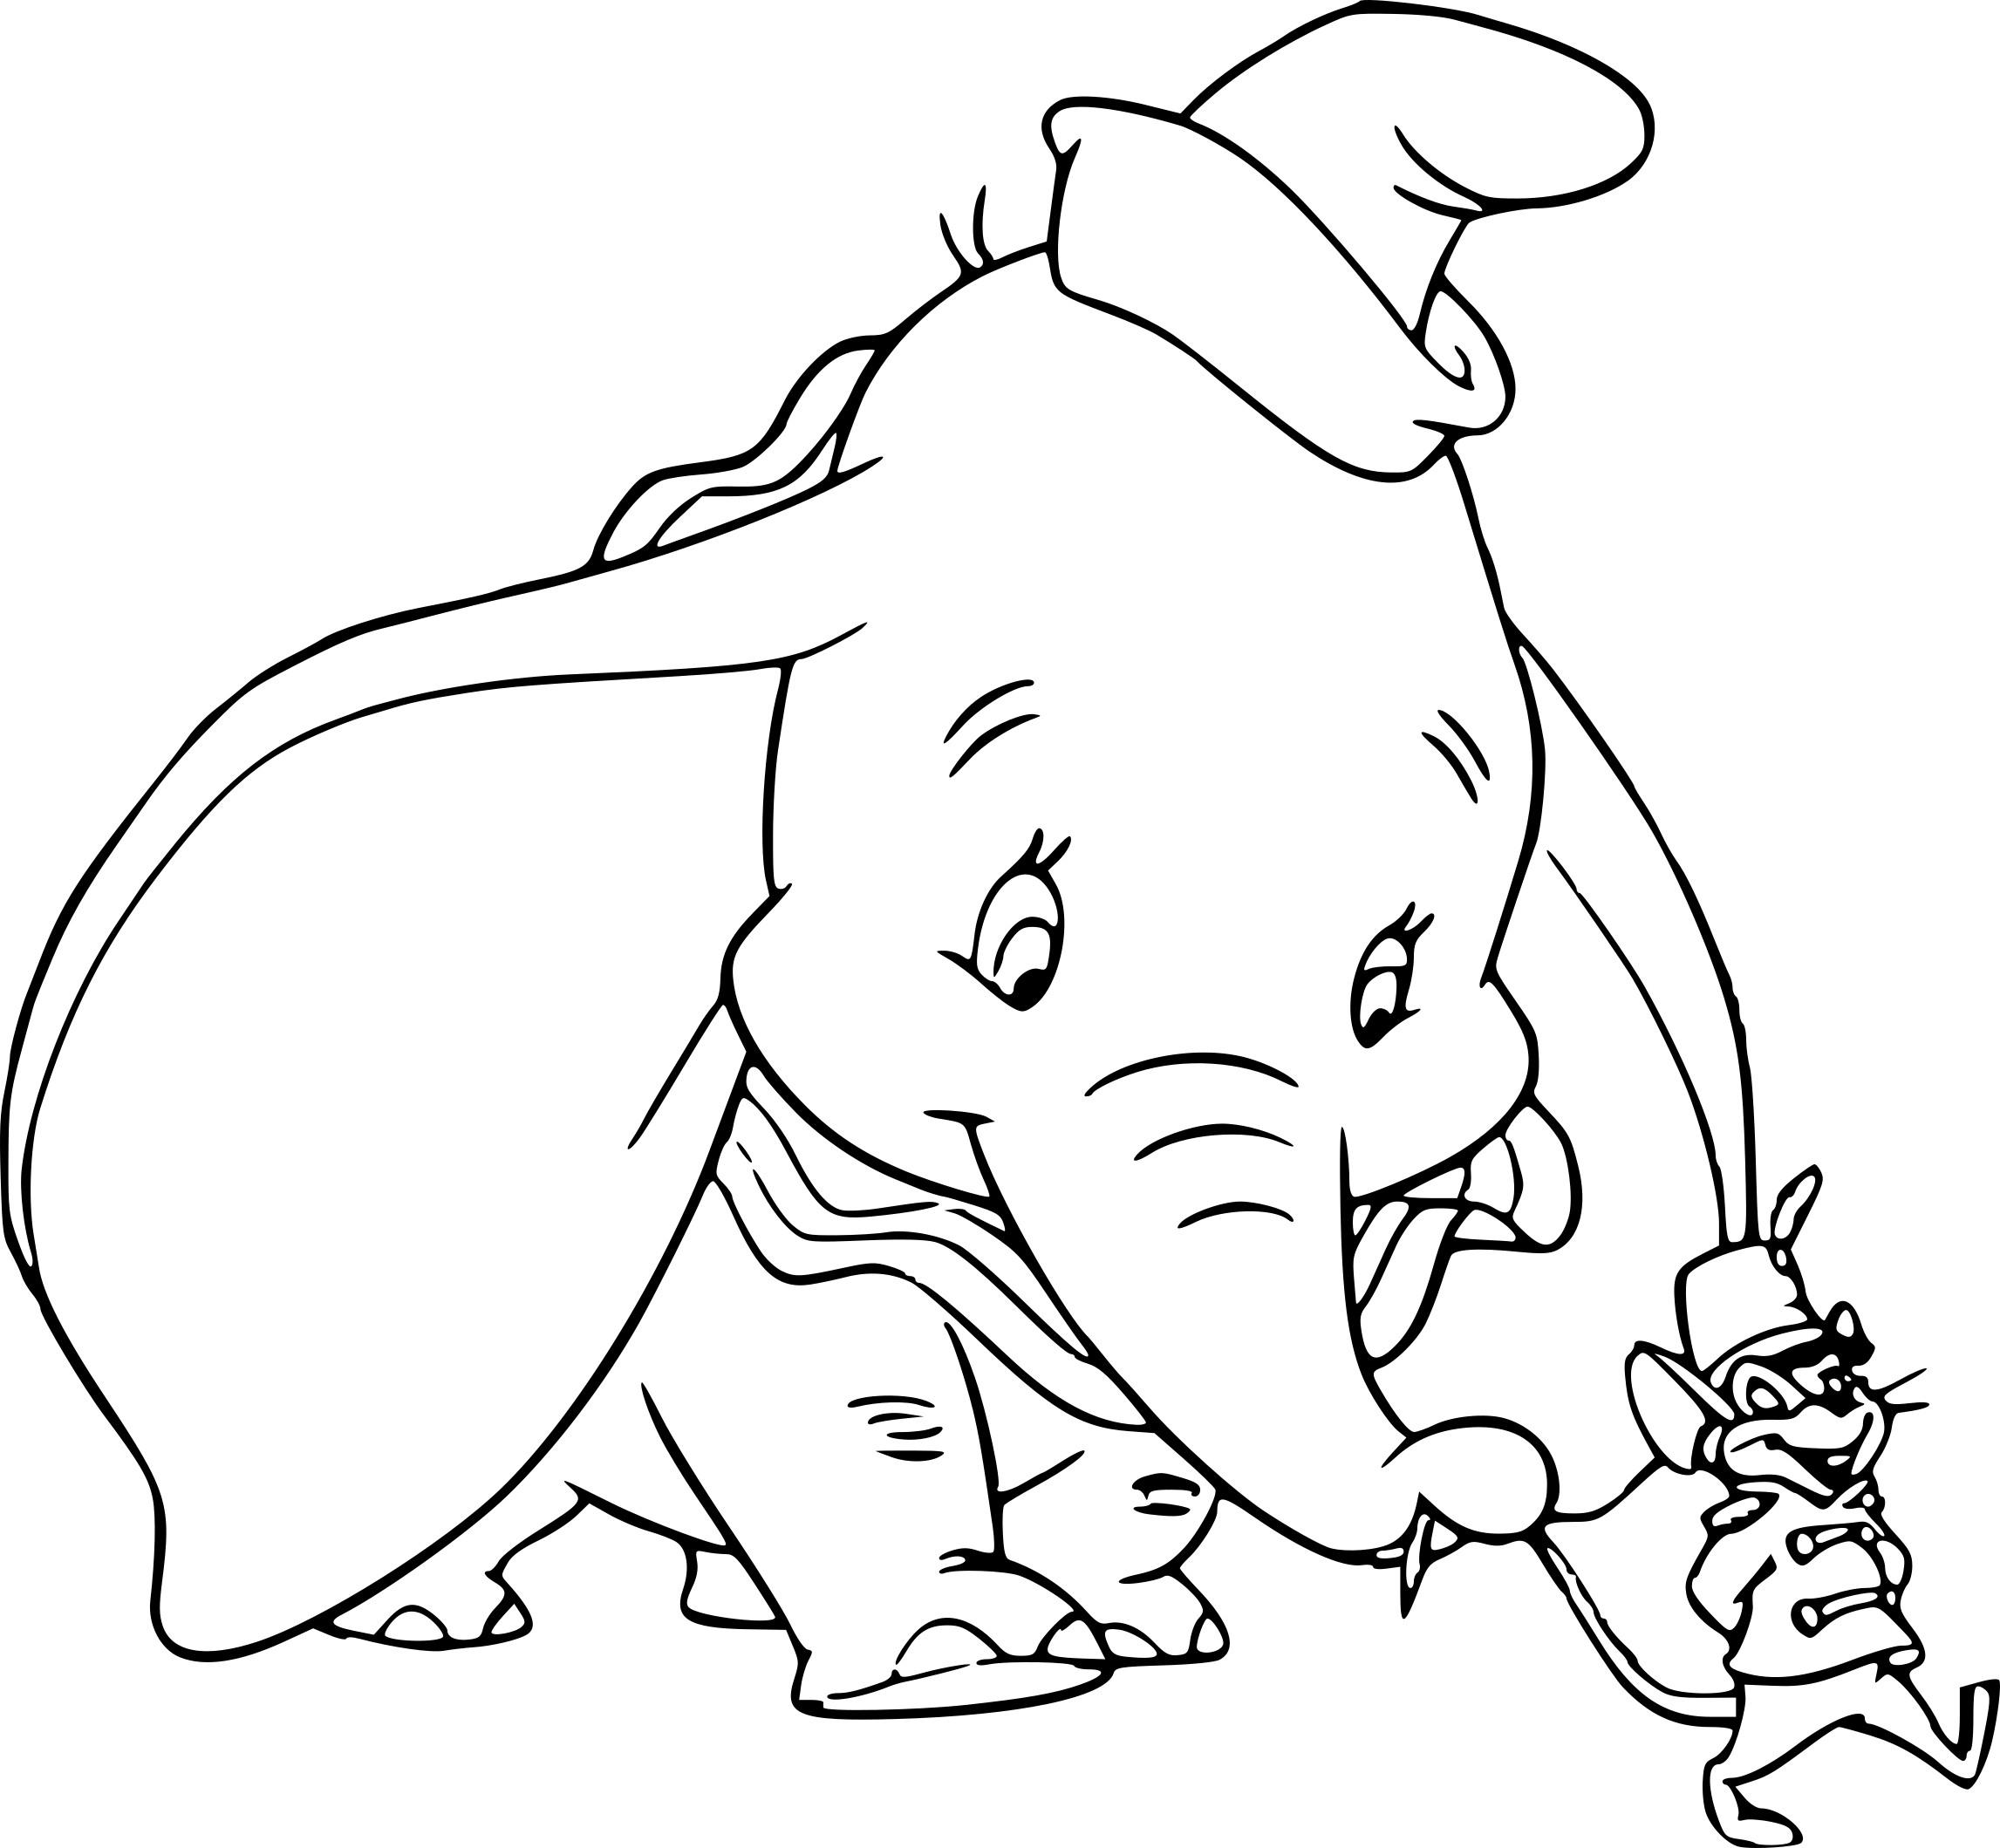 Coloriage Dumbo Et Le Rat Timothy À Imprimer Sur Coloriages dedans Dessin Dumbo